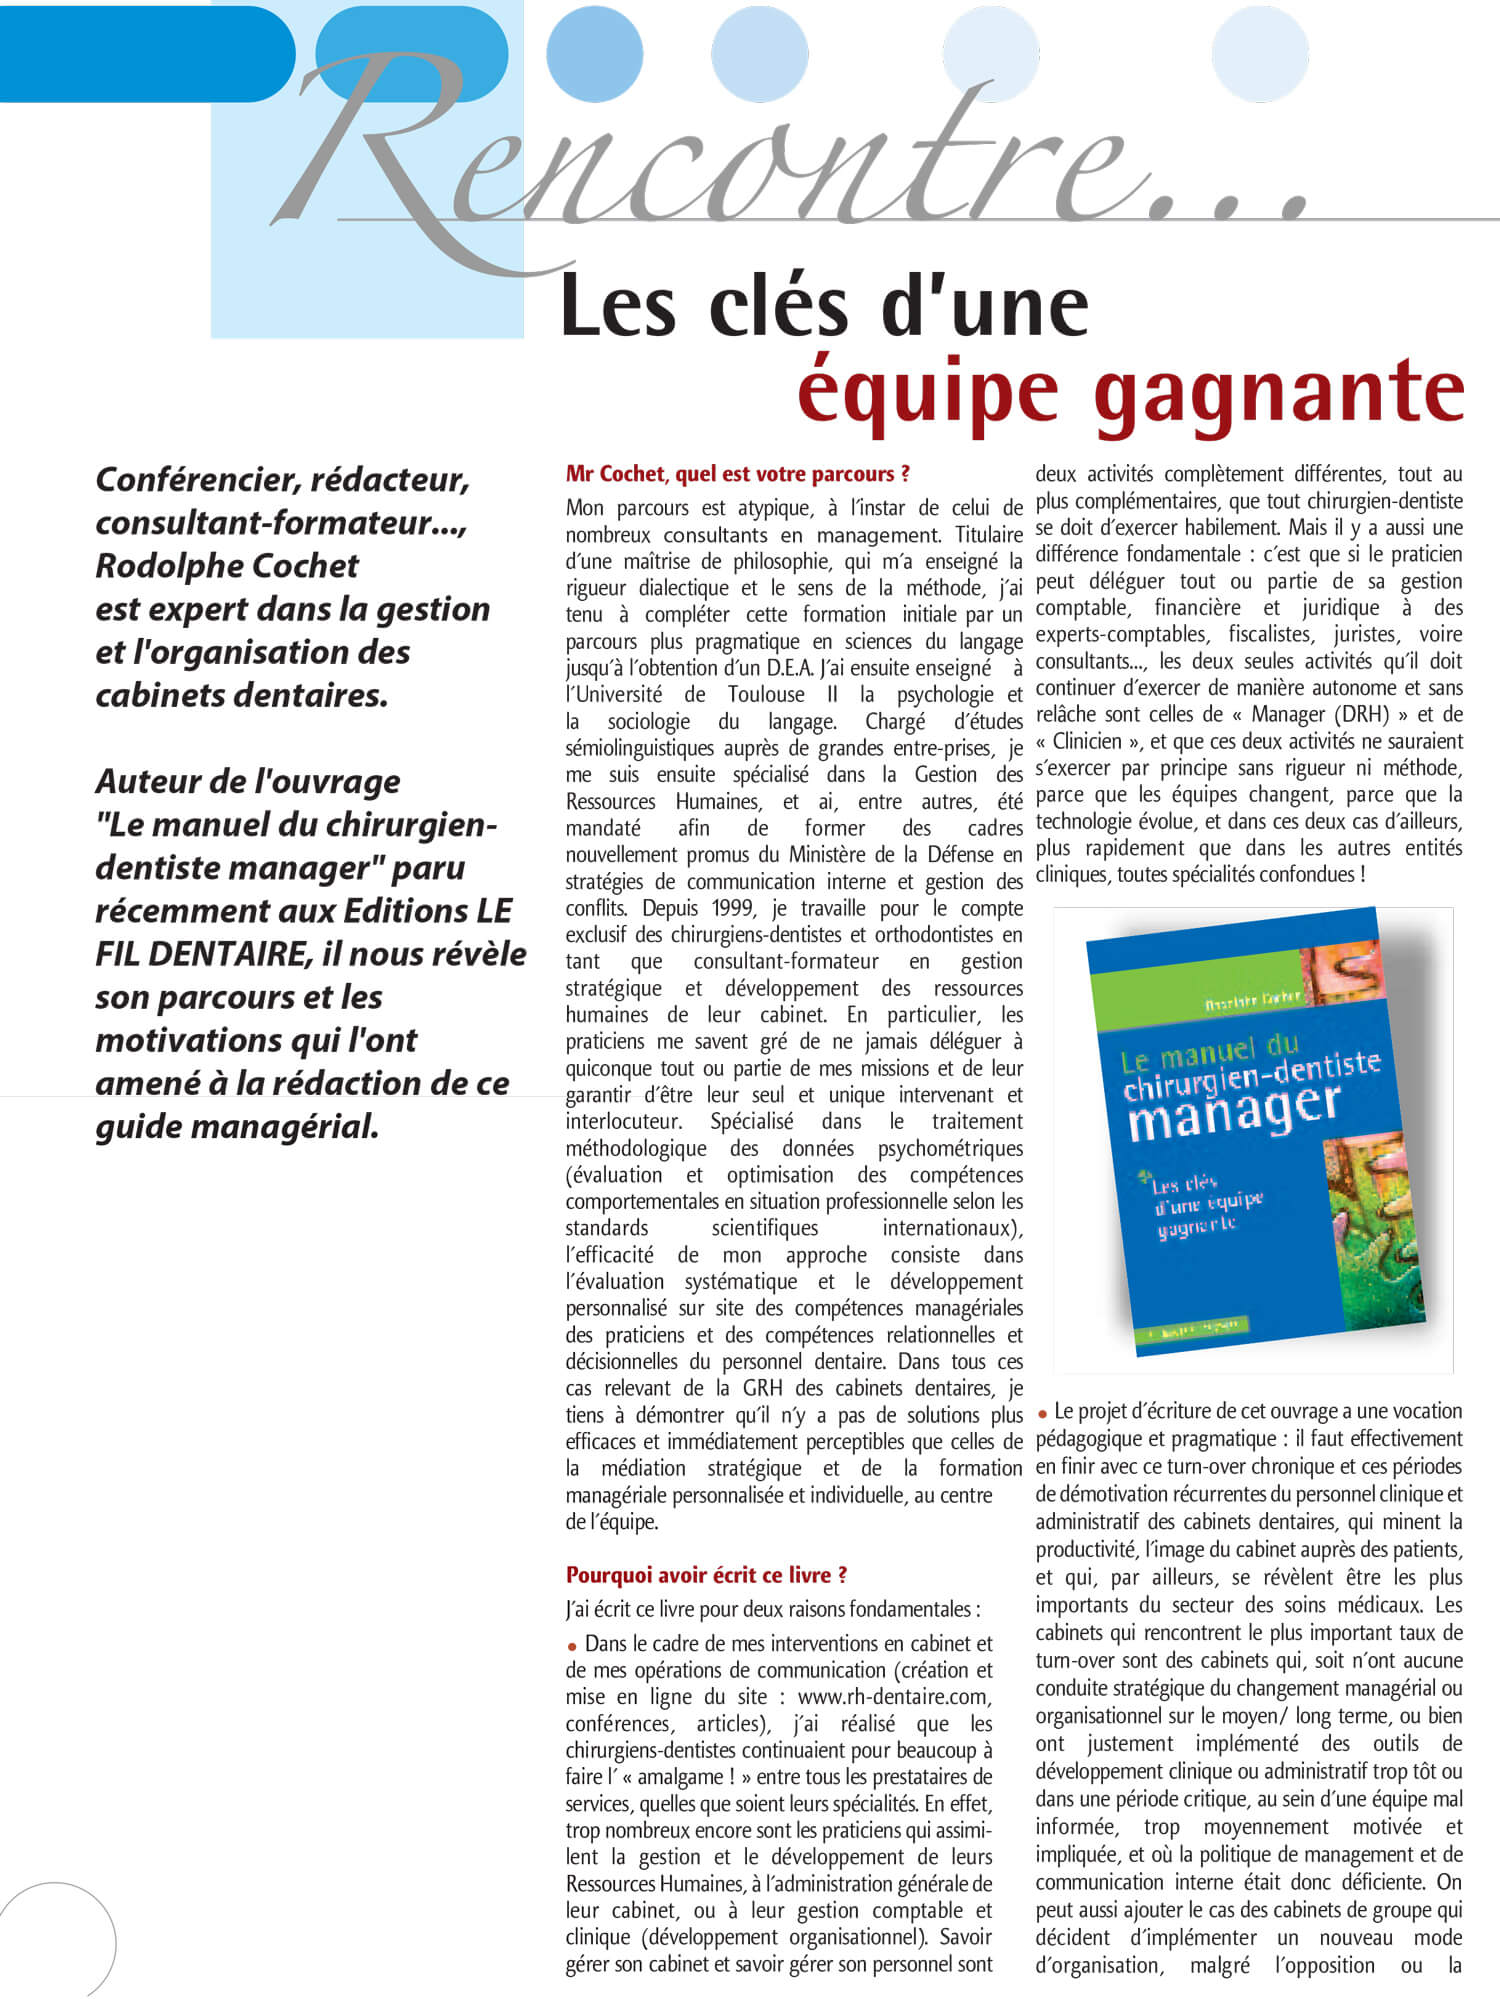 Le_Fil_Dentaire_Rencontre_avec_Rodolphe_Cochet.jpg